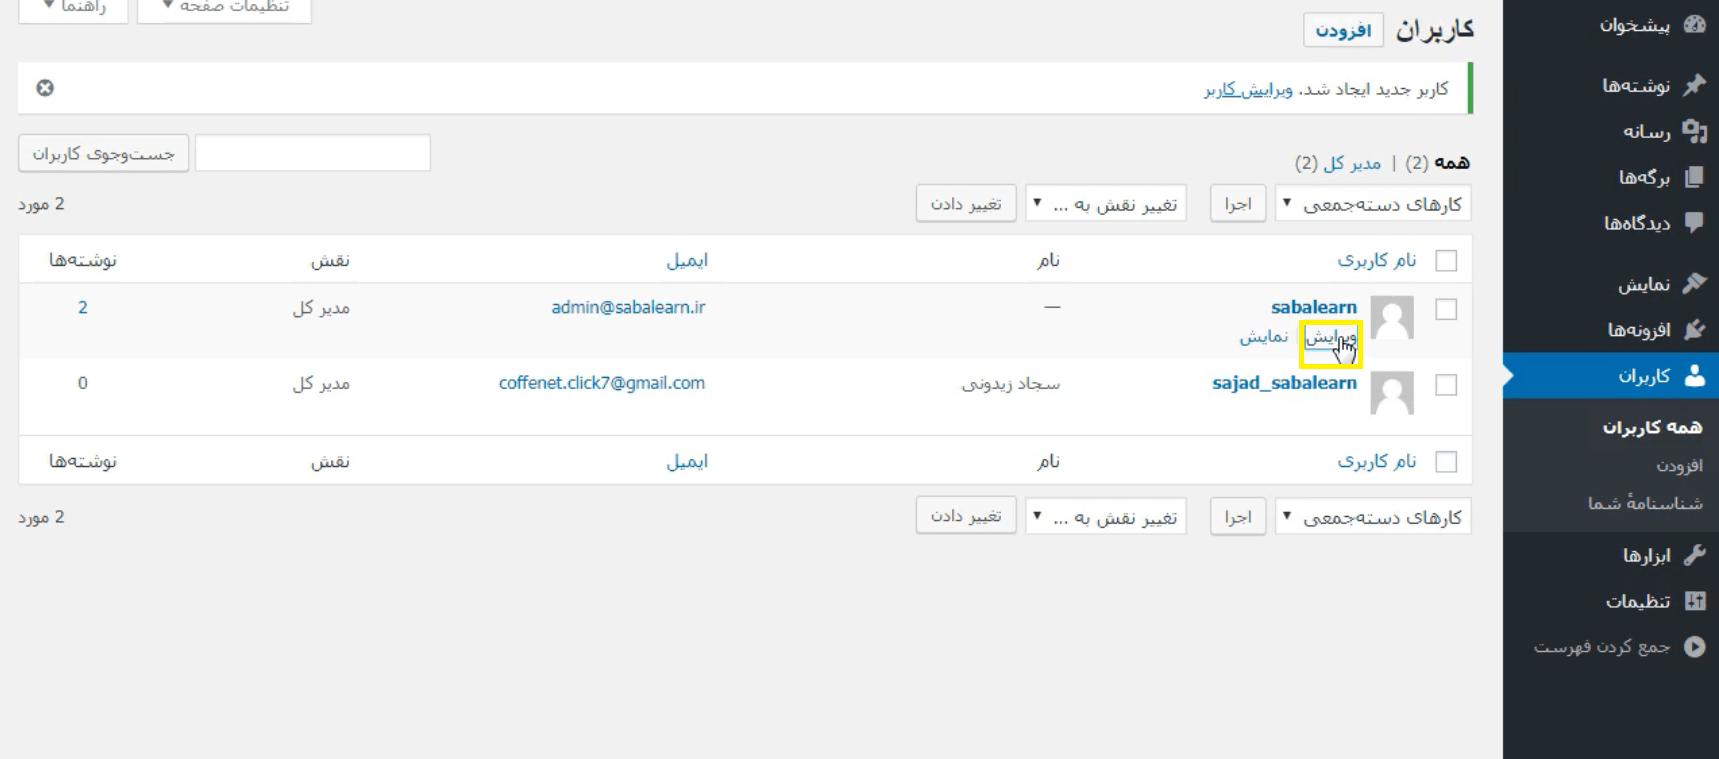 مدیریت همه کاربران در وردپرش